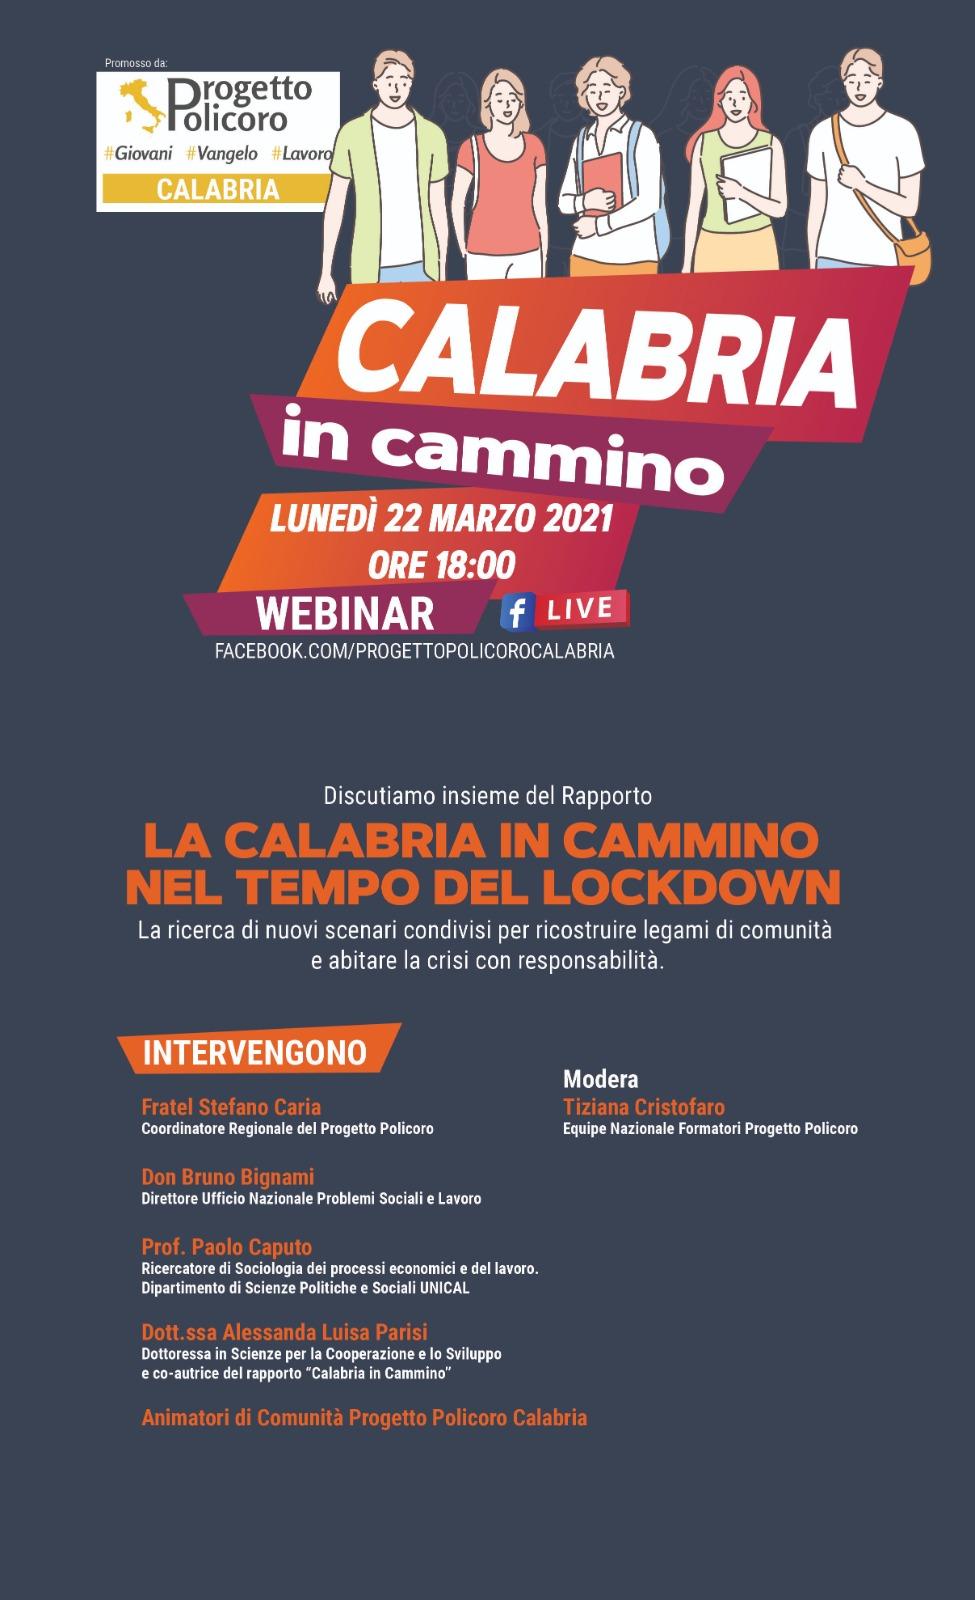 Calabria in cammino, presentato il report di Progetto Policoro Calabria